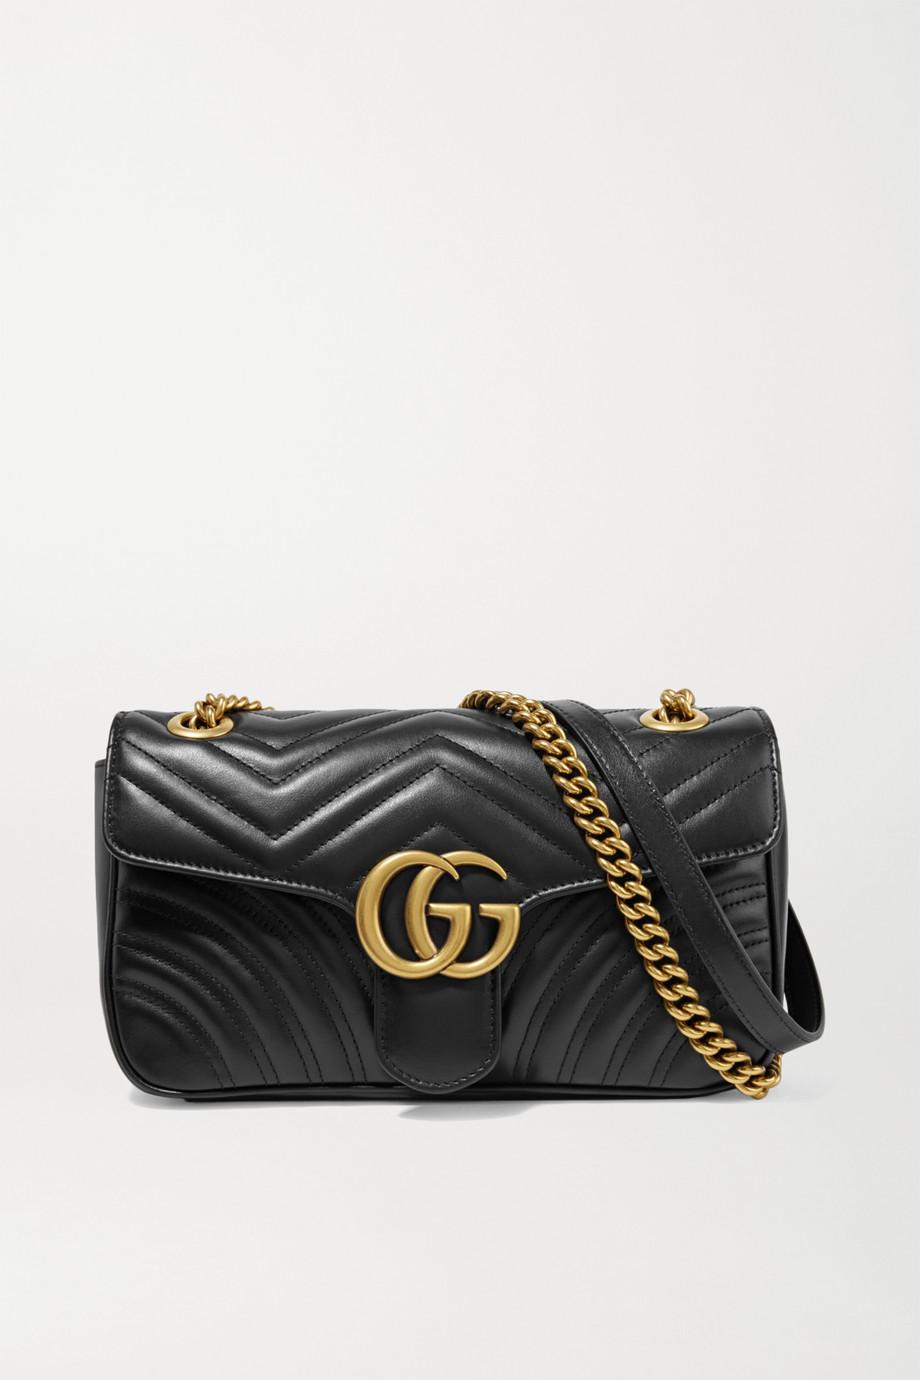 Gucci Sac porté épaule en cuir matelassé GG Marmont Small